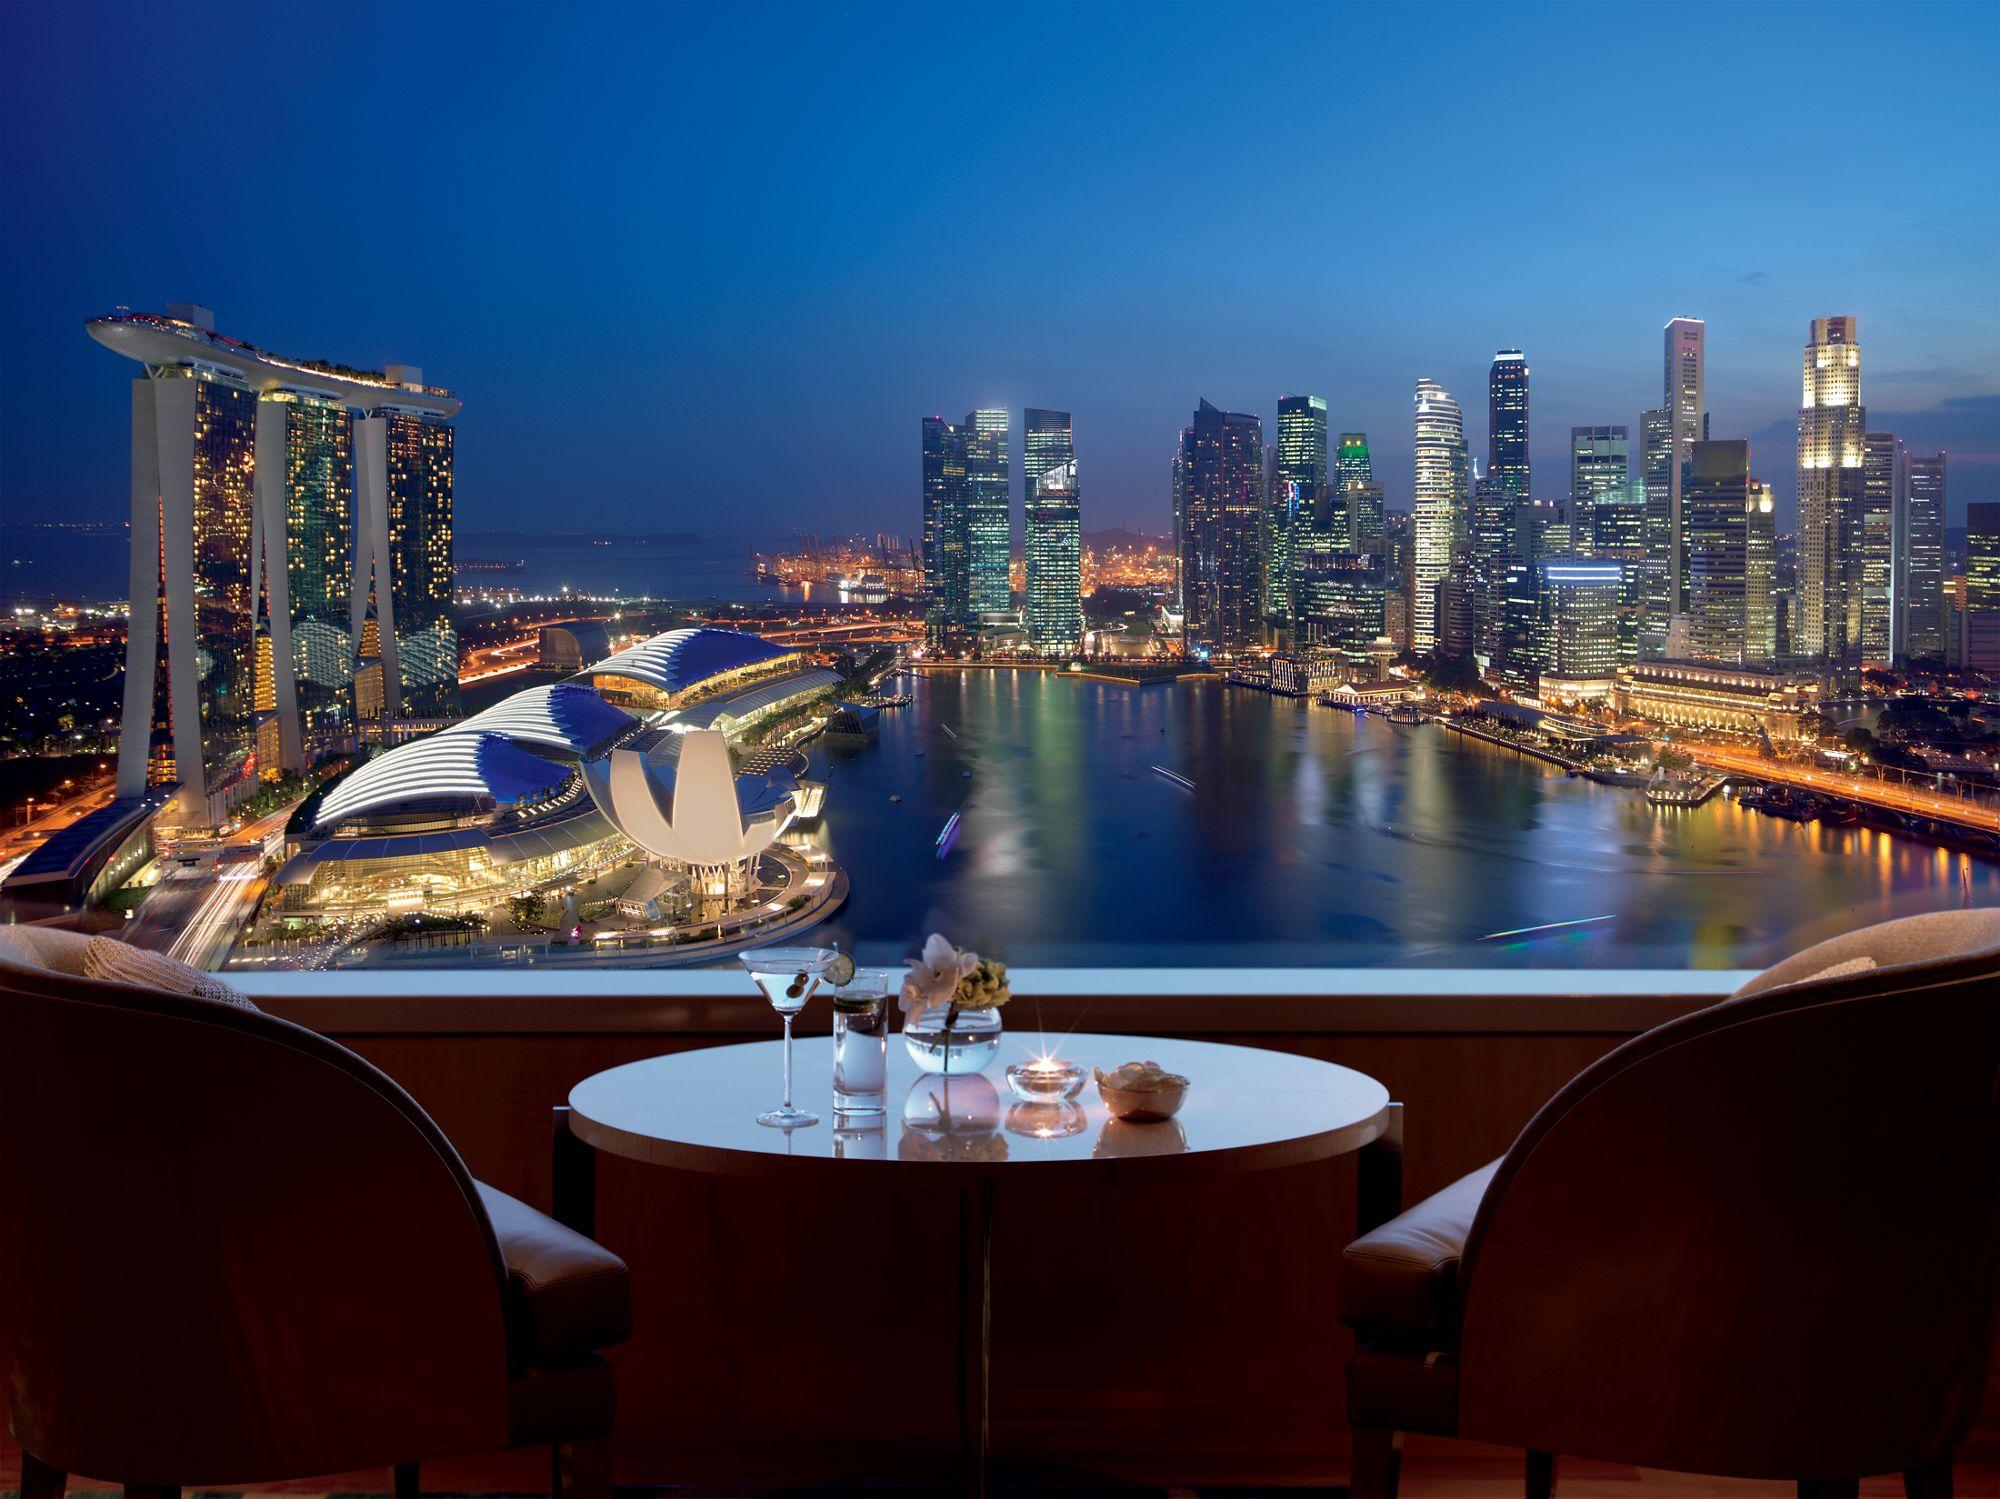 hoteles-con-vistas-panoramicas-ritz-carlton-singapore